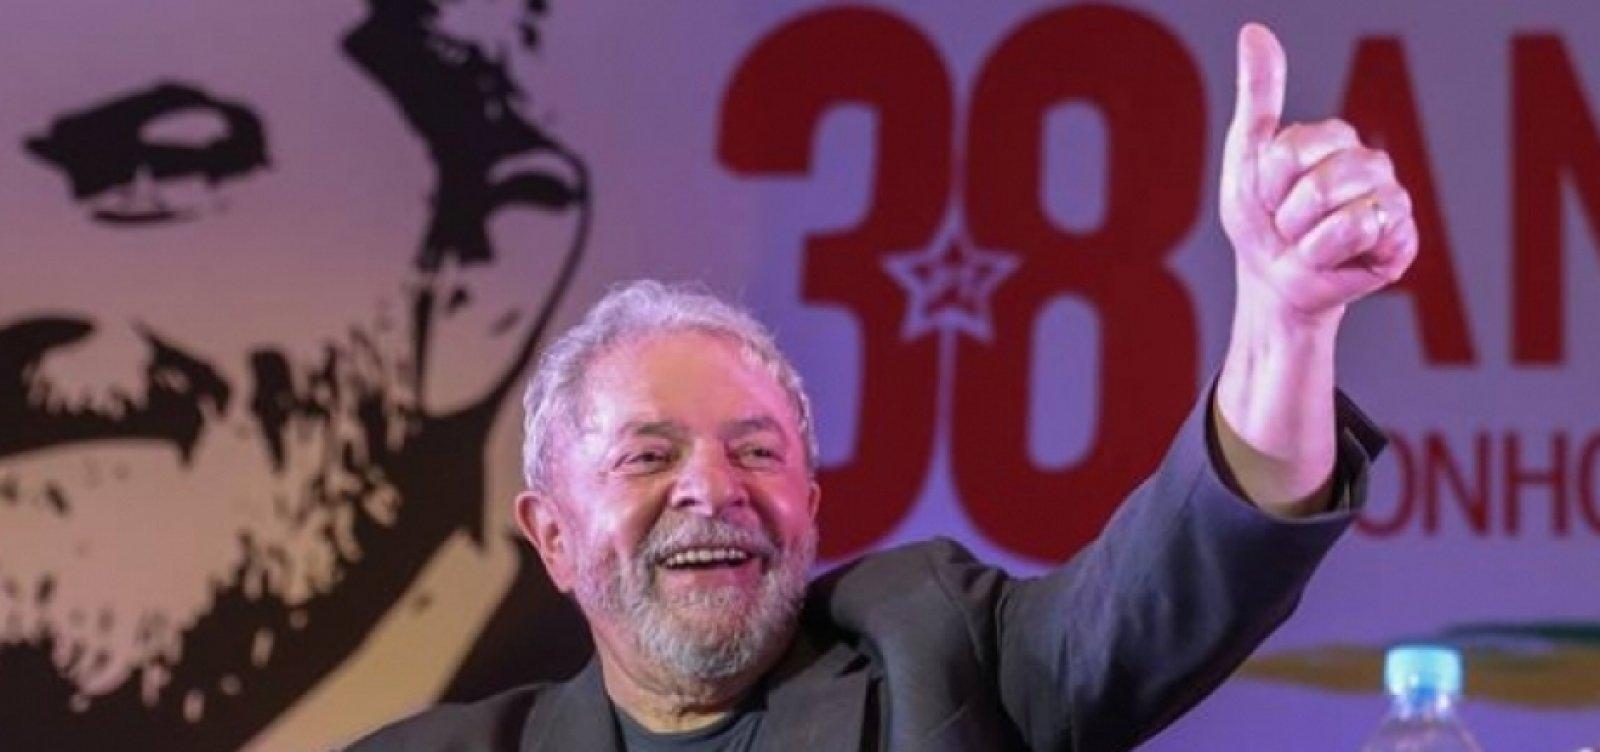 Lava Jato: Lewandowski suspende últimas investigações contra Lula